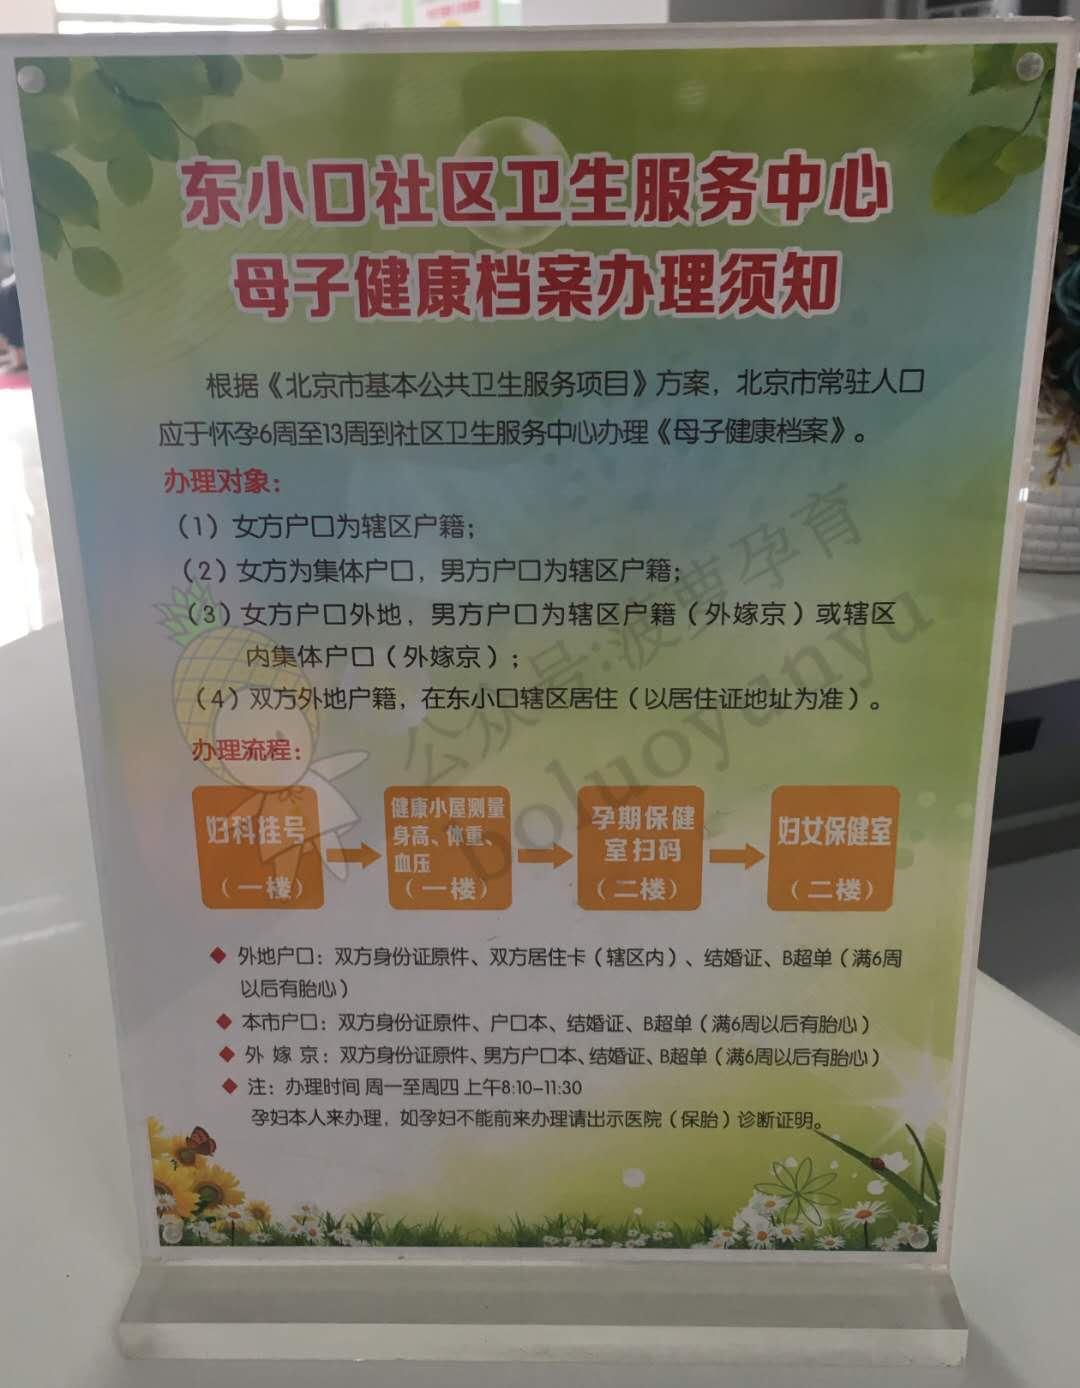 东小口社区卫生服务中心【母子健康档案办理全流程攻略】